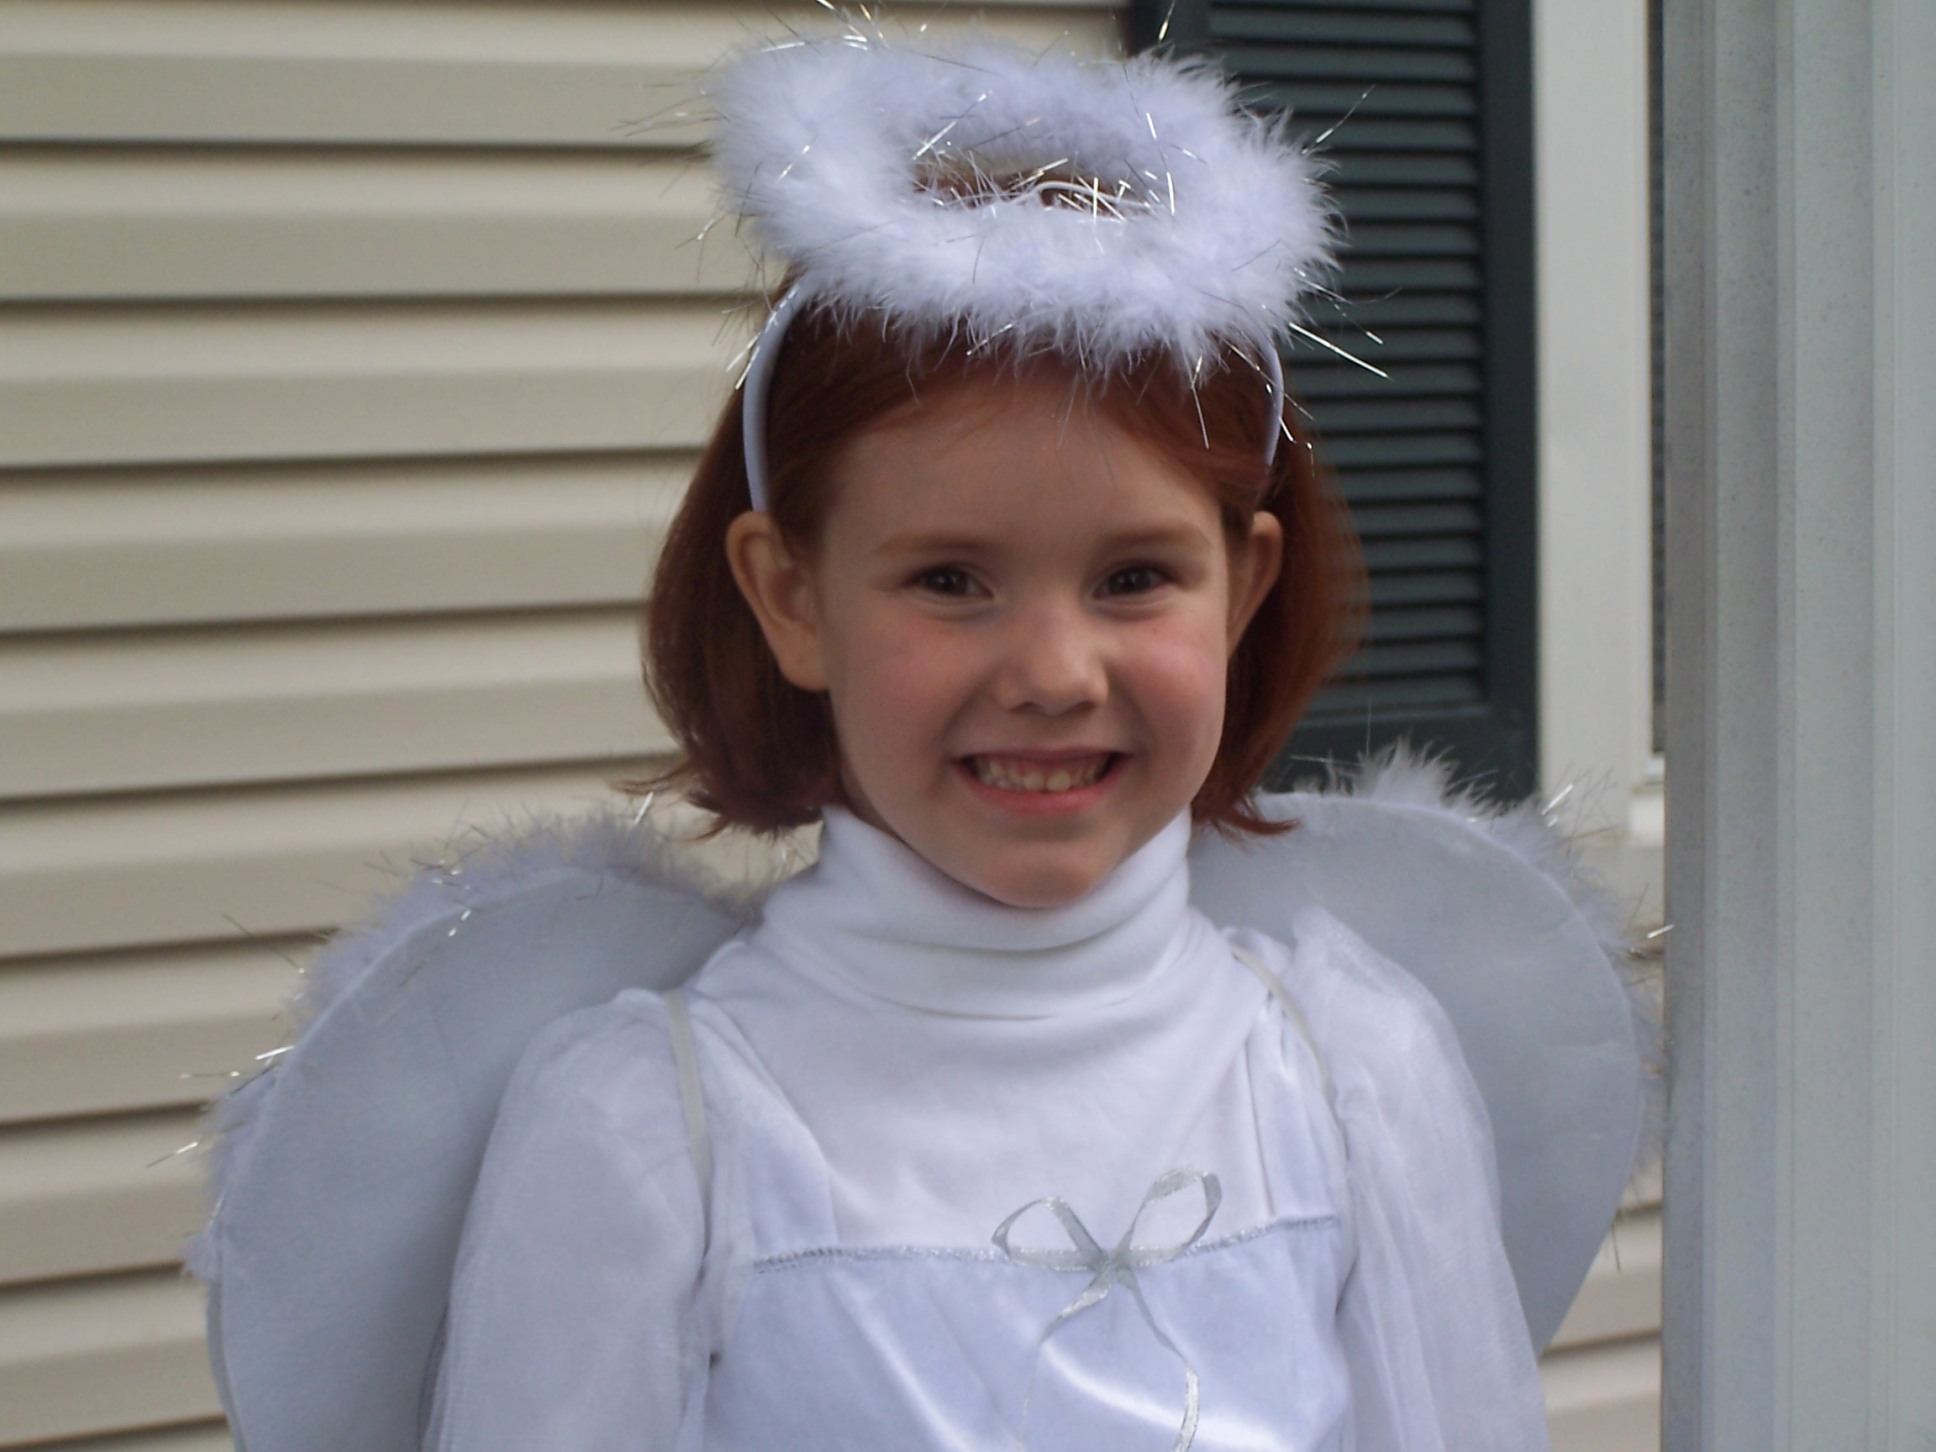 Faith, our littleangel